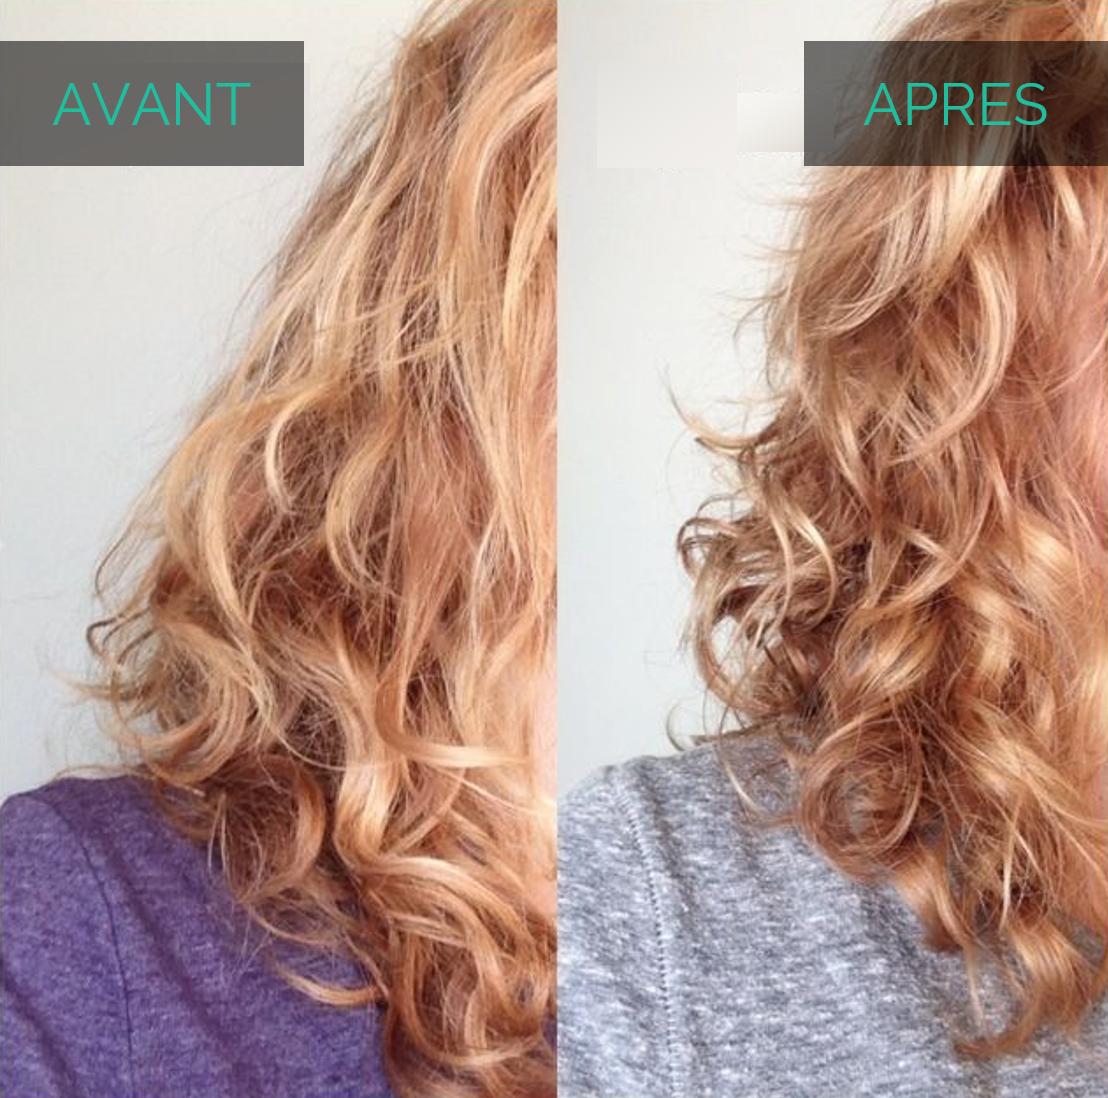 Huile naturelle pour hydrater les cheveux